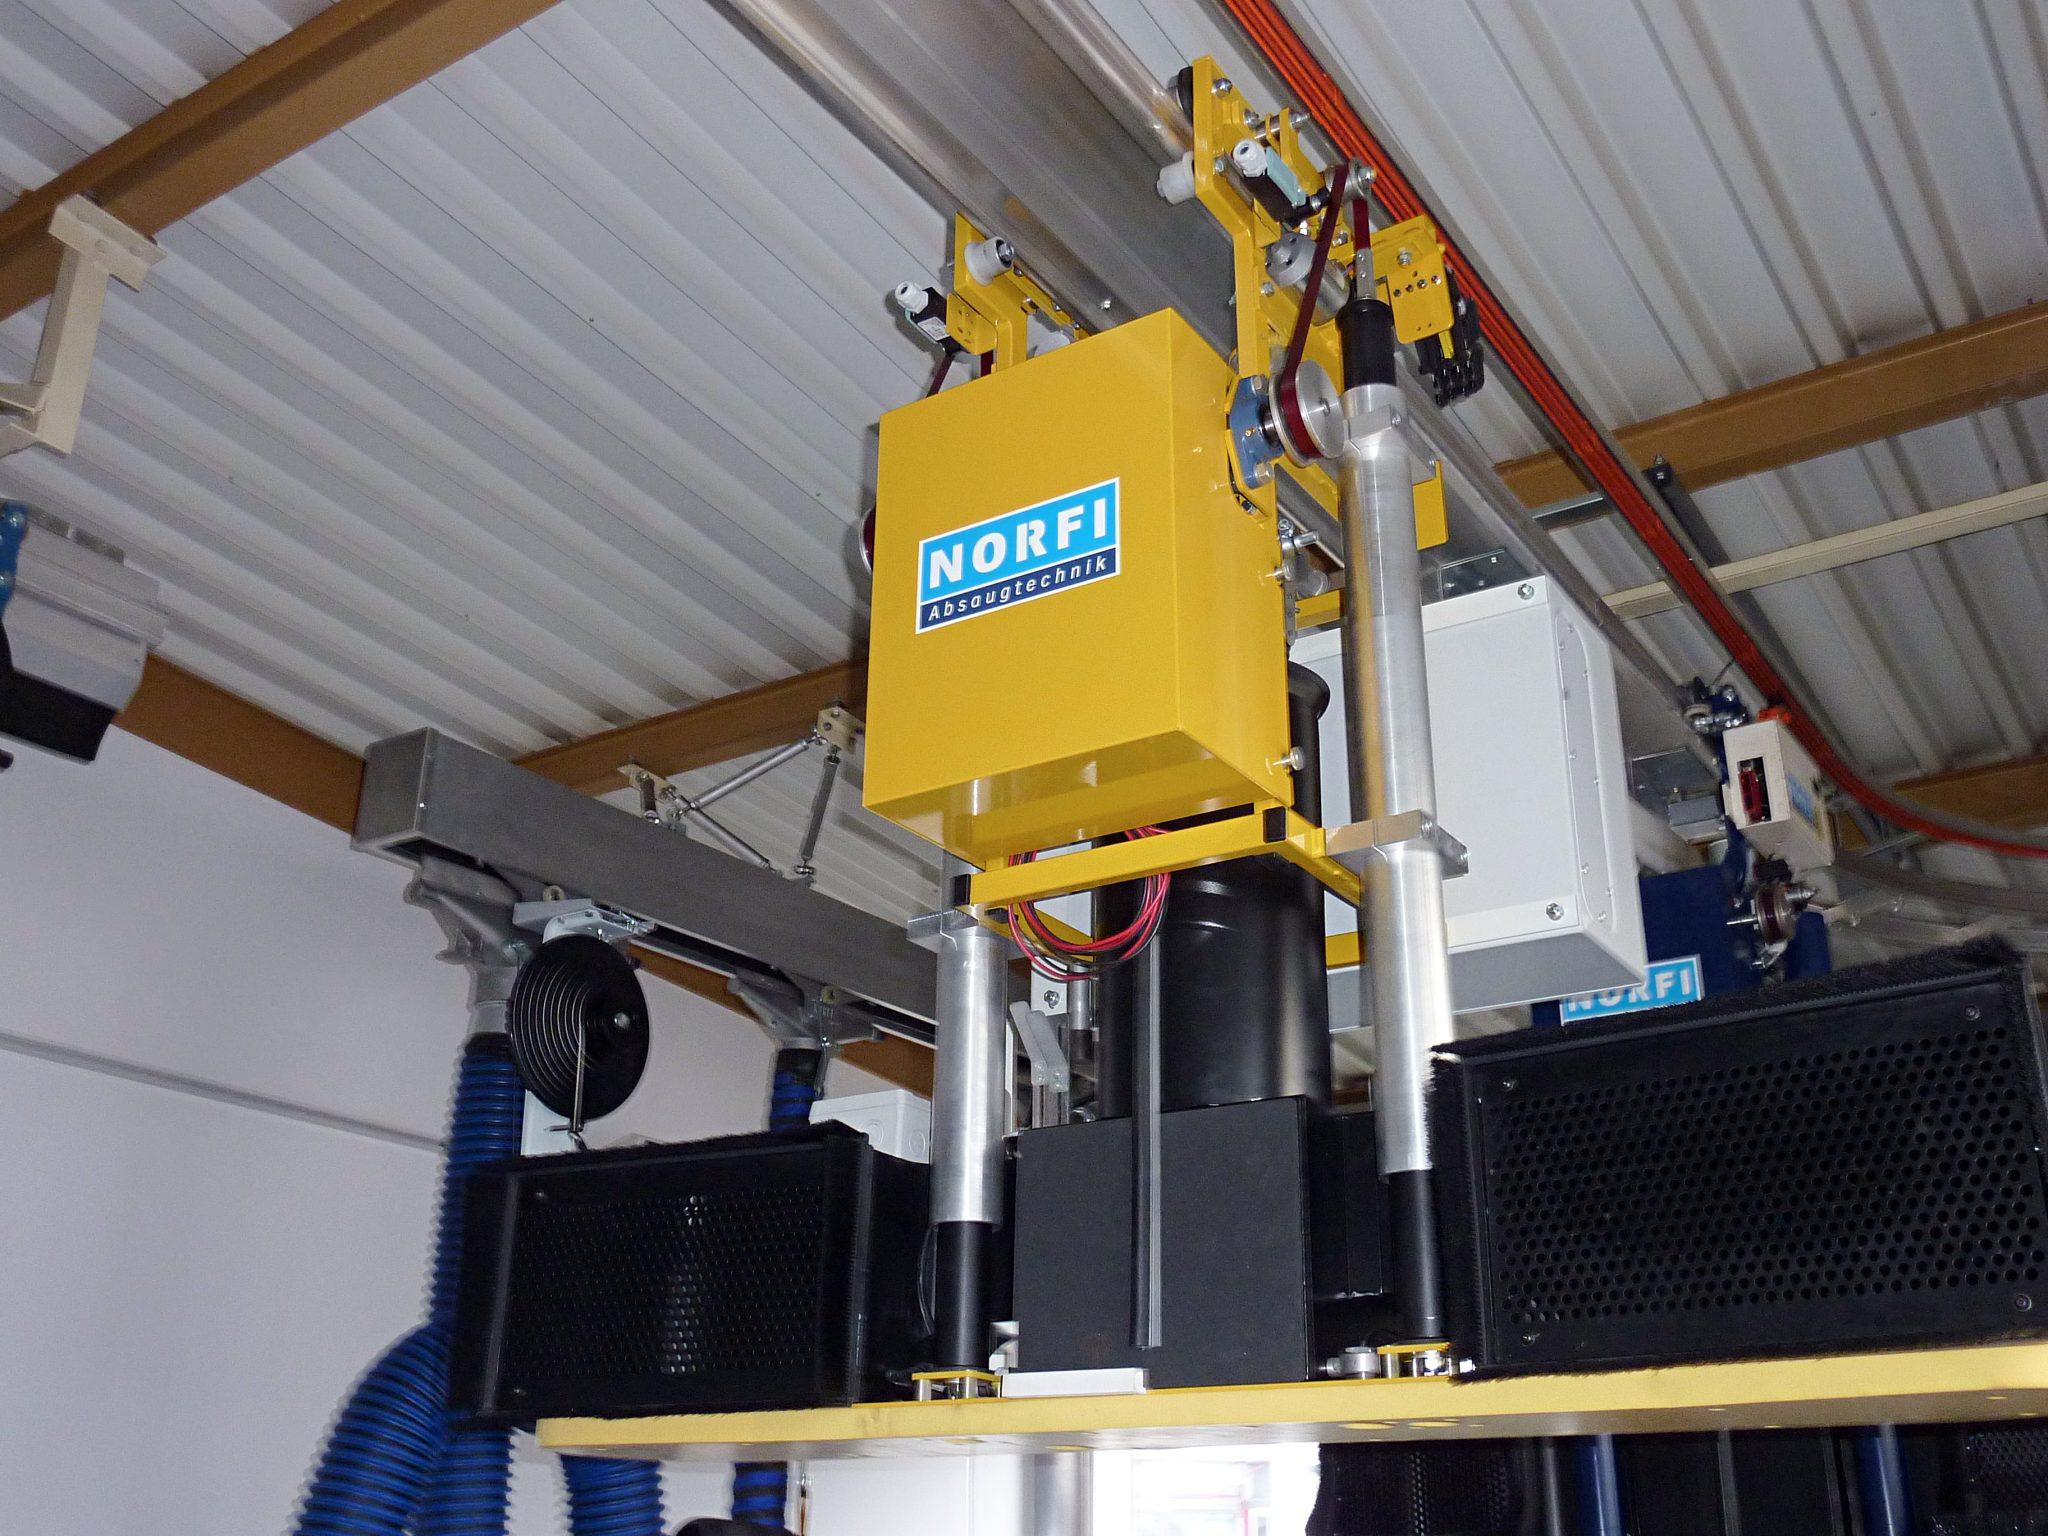 Foto eines Fertig montierter Teleskopsaugwagen